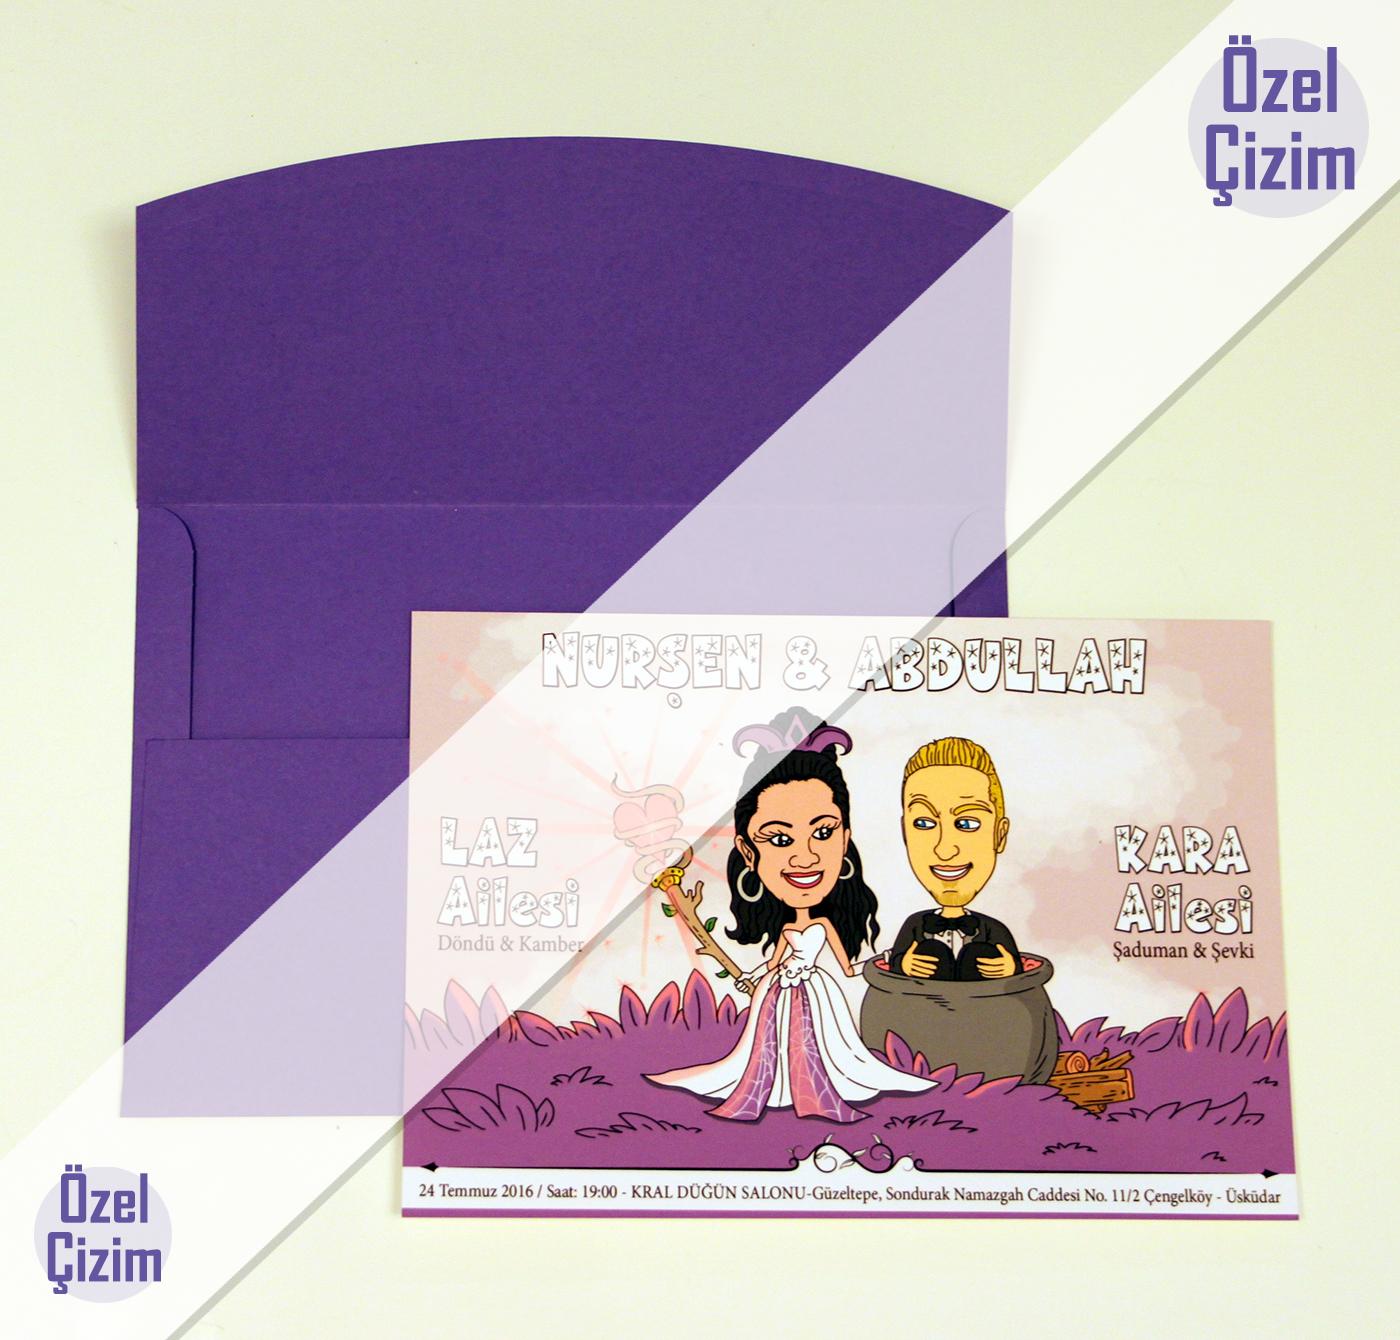 karikatürlü düğün davetiyesi, komik düğün davetiyesi, karikatürlü davetiye, düğün davetiyesi, ilginç düğün davetiyesi,farklı düğün davetiyesi,davetiye çizdir,komik gelin damat,karikatür çizdir, Özel Çizim,